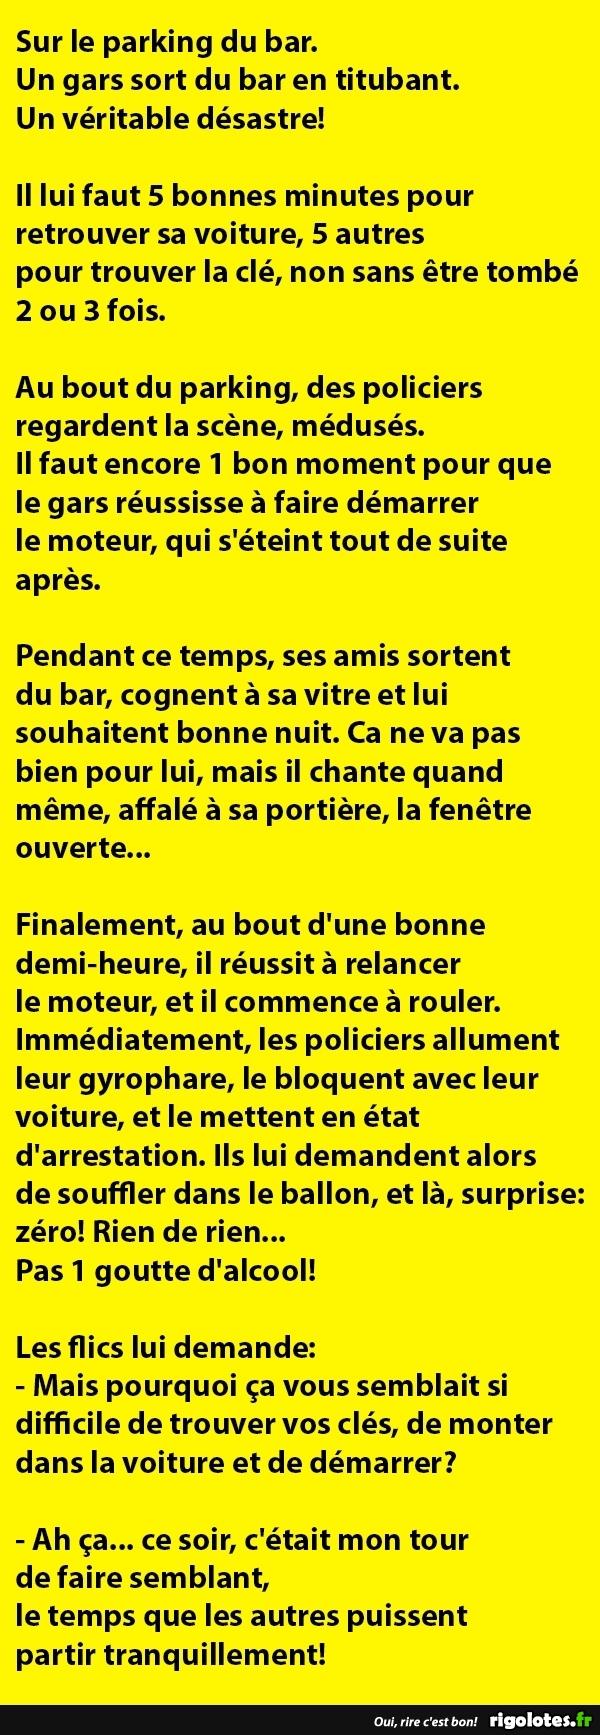 Les Petites Blagounettes bien Gentilles - Page 40 Hgt